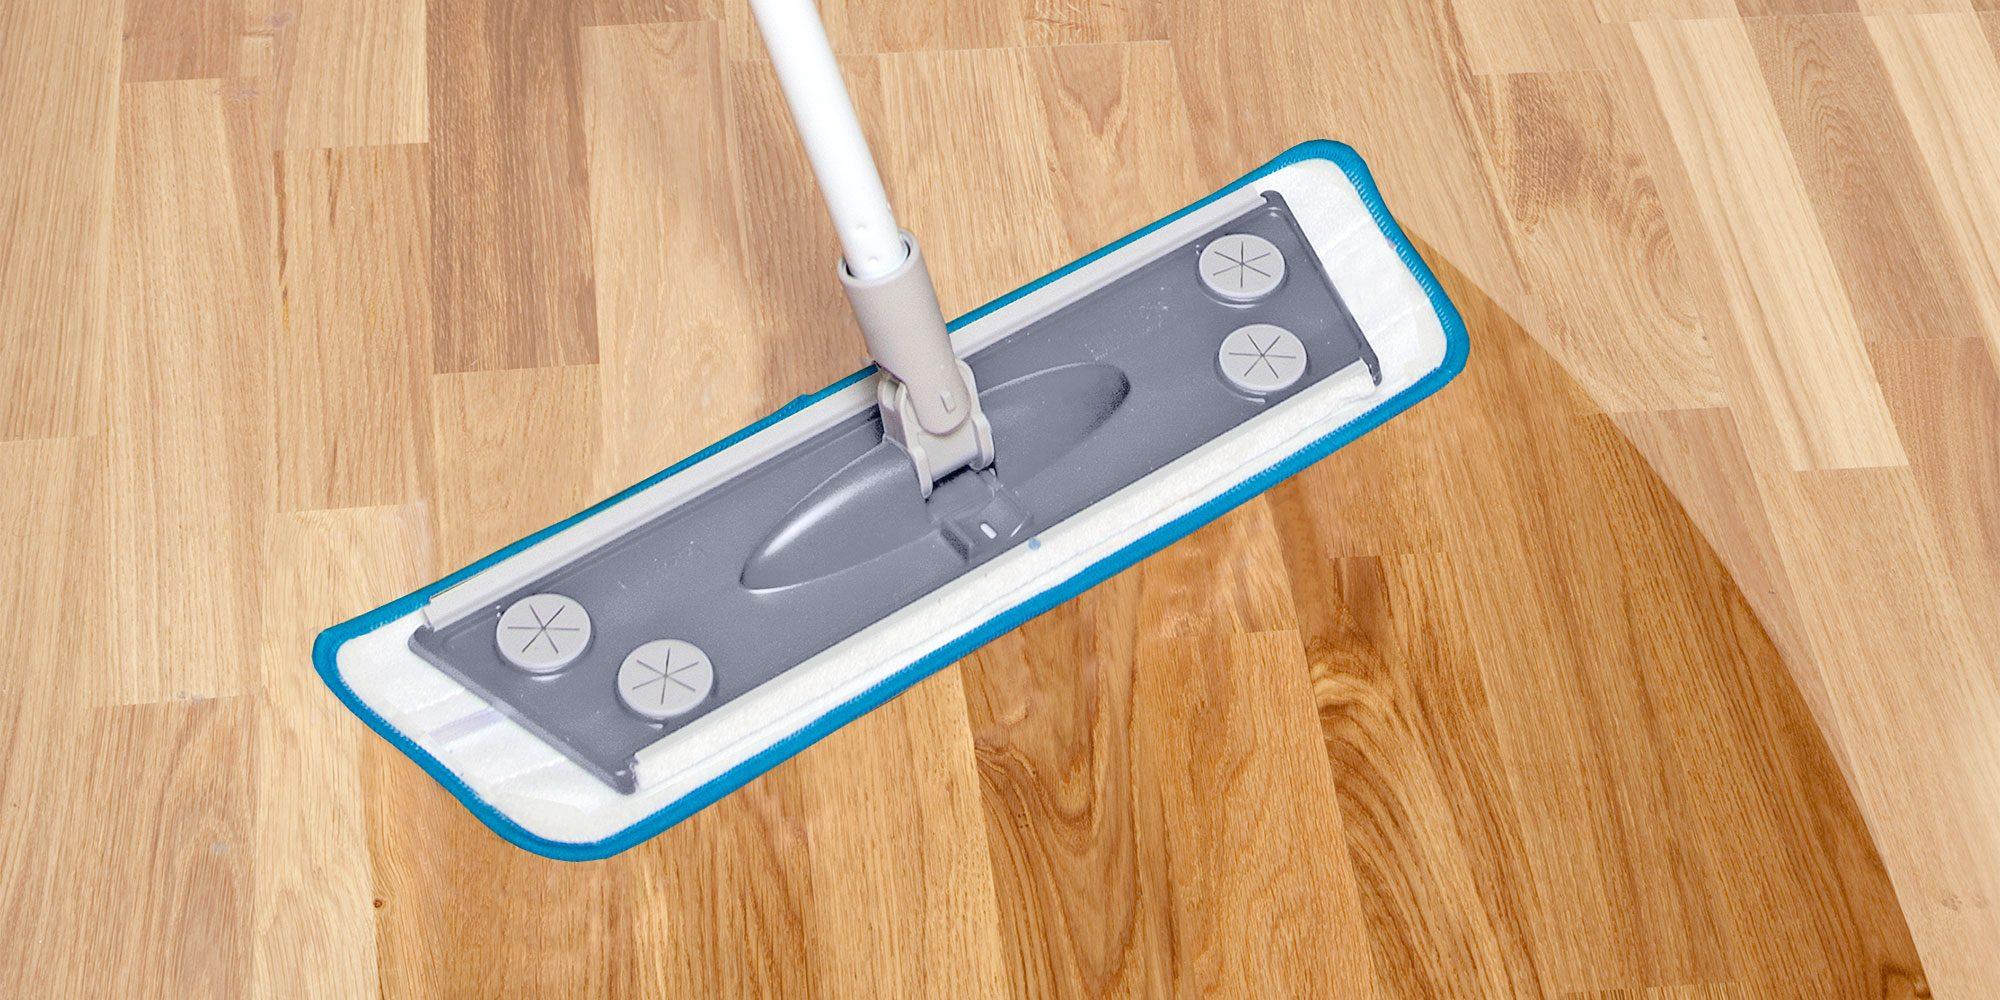 Wooden floor mop – Smart Microfiber